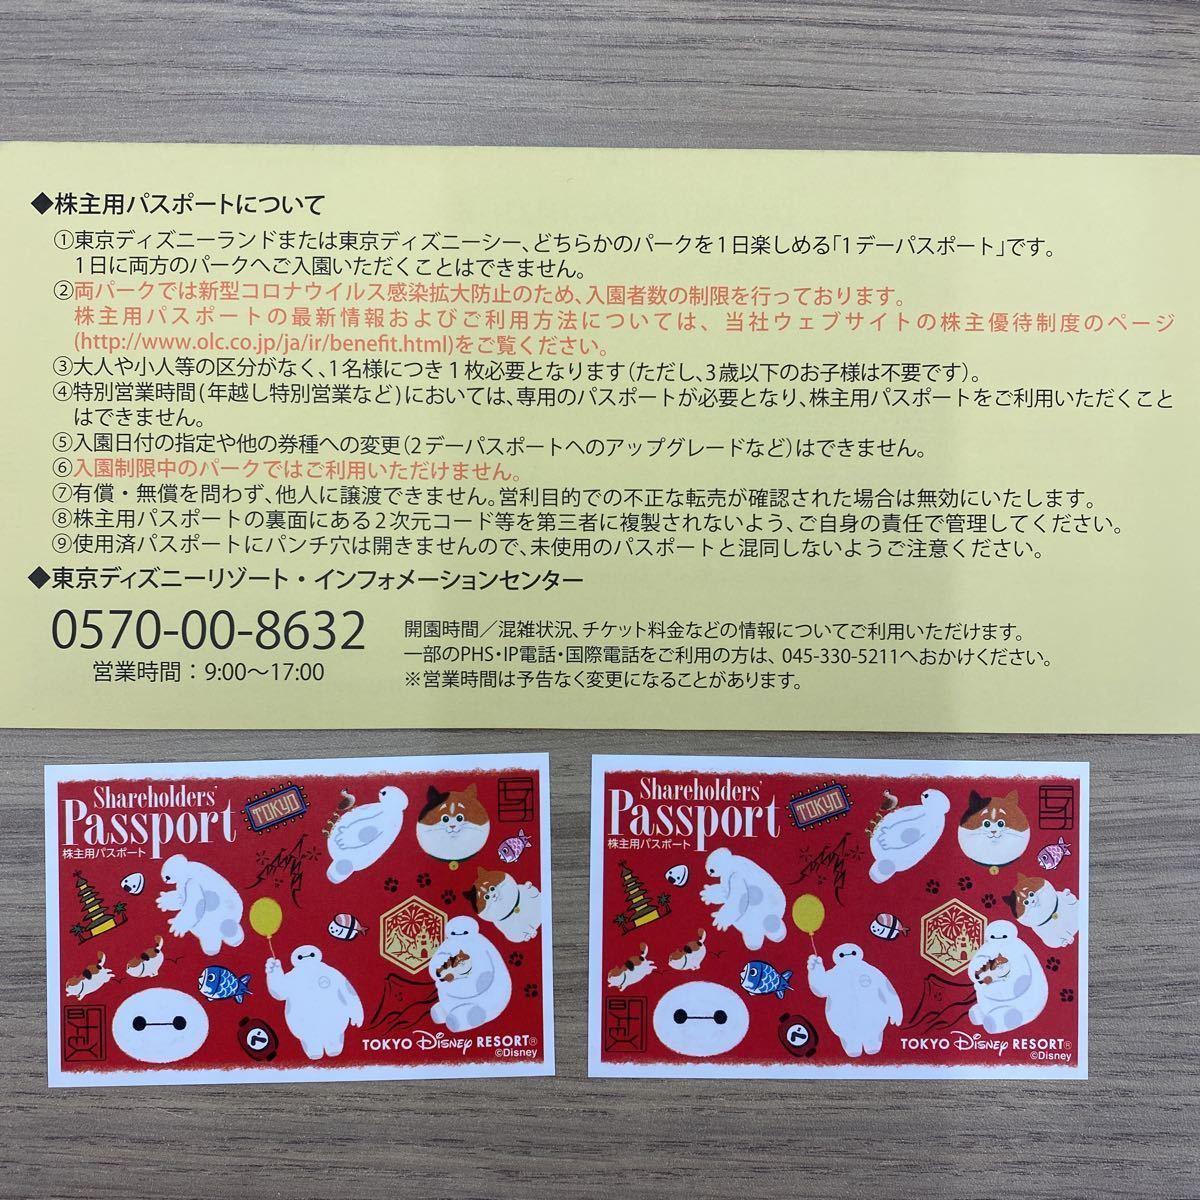 ペア 2枚 送料無料/東京ディズニーリゾート/株主優待 パスポート/TDR/東京ディズニーランド/東京ディズニーシー/チケット 有効来年迄_画像2